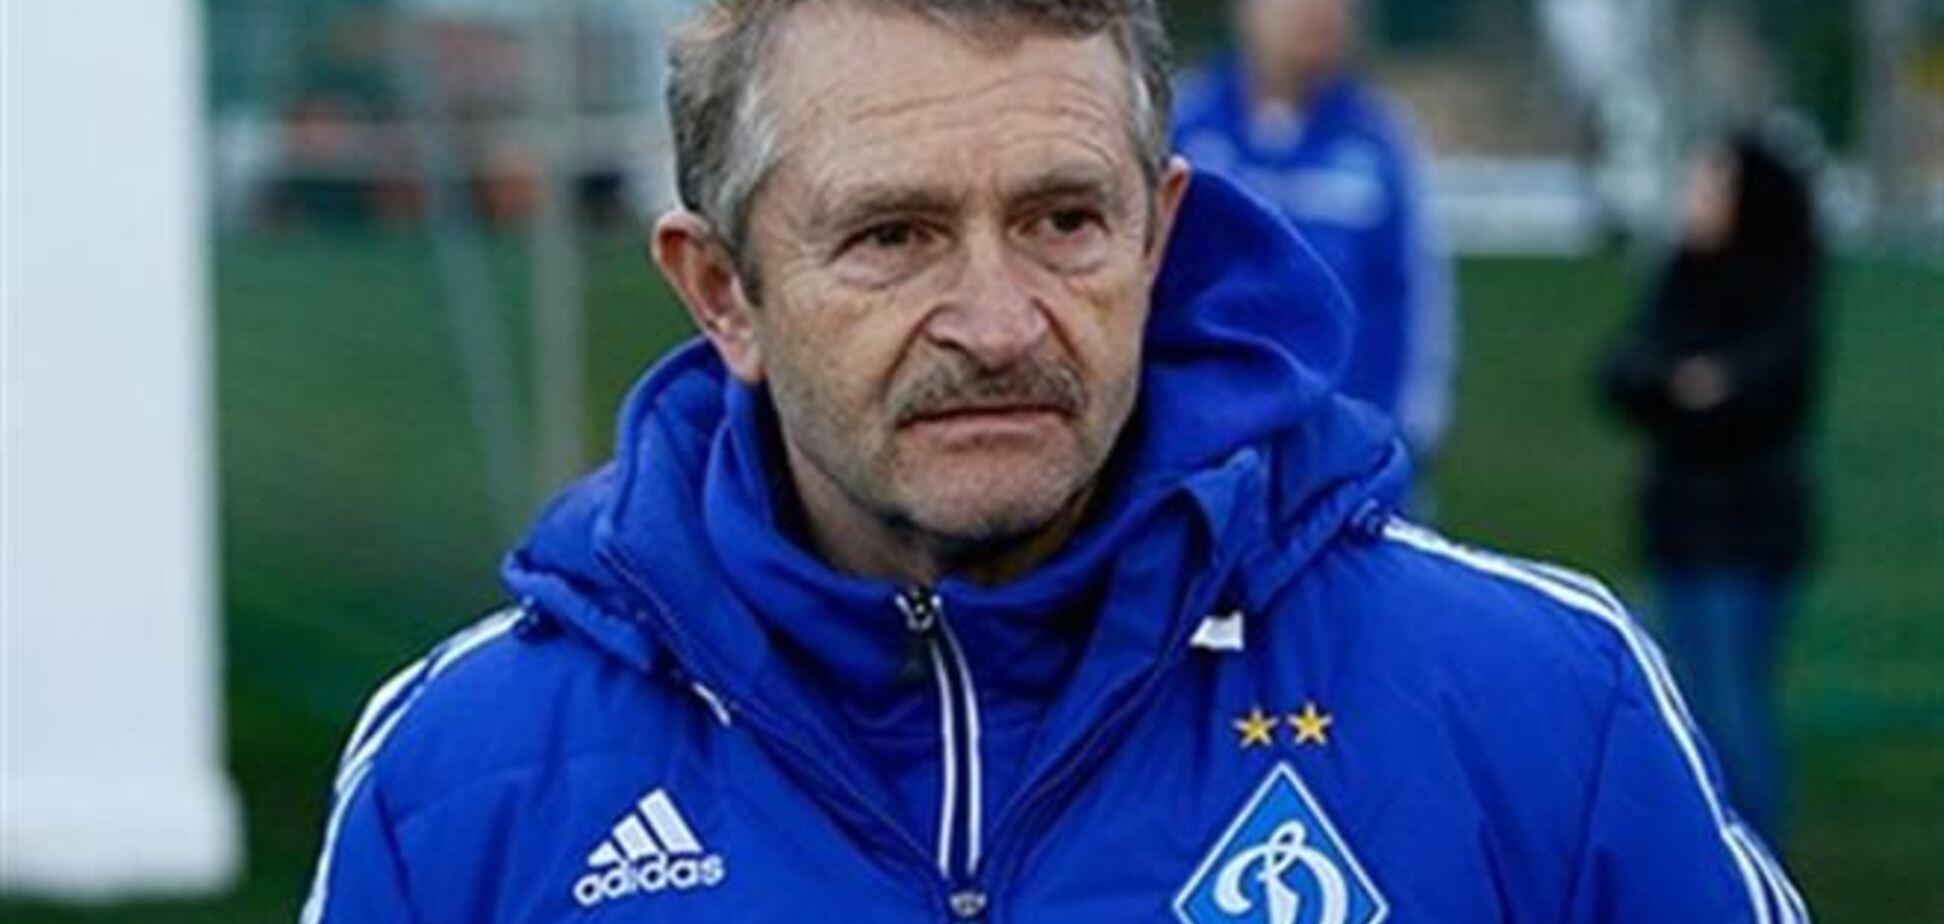 Главврач 'Динамо' считает, что Бойко намеренно ударил Гусева